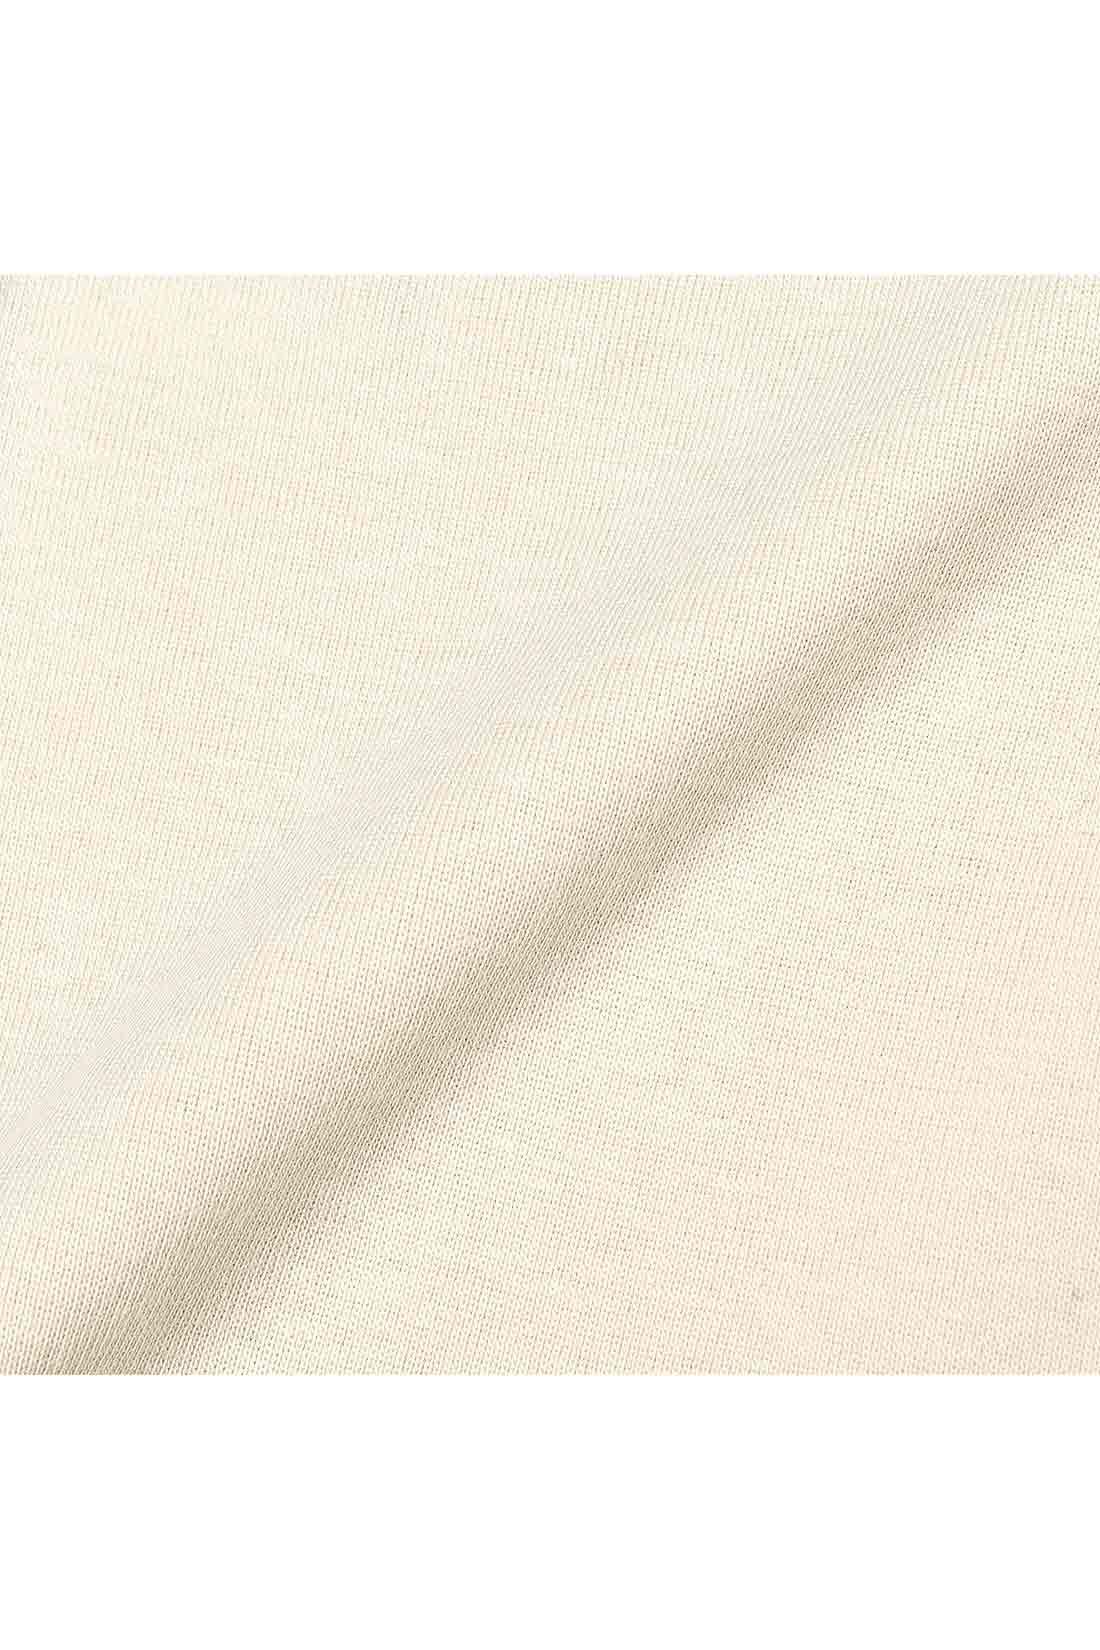 やさしいはき心地の微起毛綿フライス 綿100%の内側微起毛フライスは、肌ざわりがよく、やさしいはき心地。